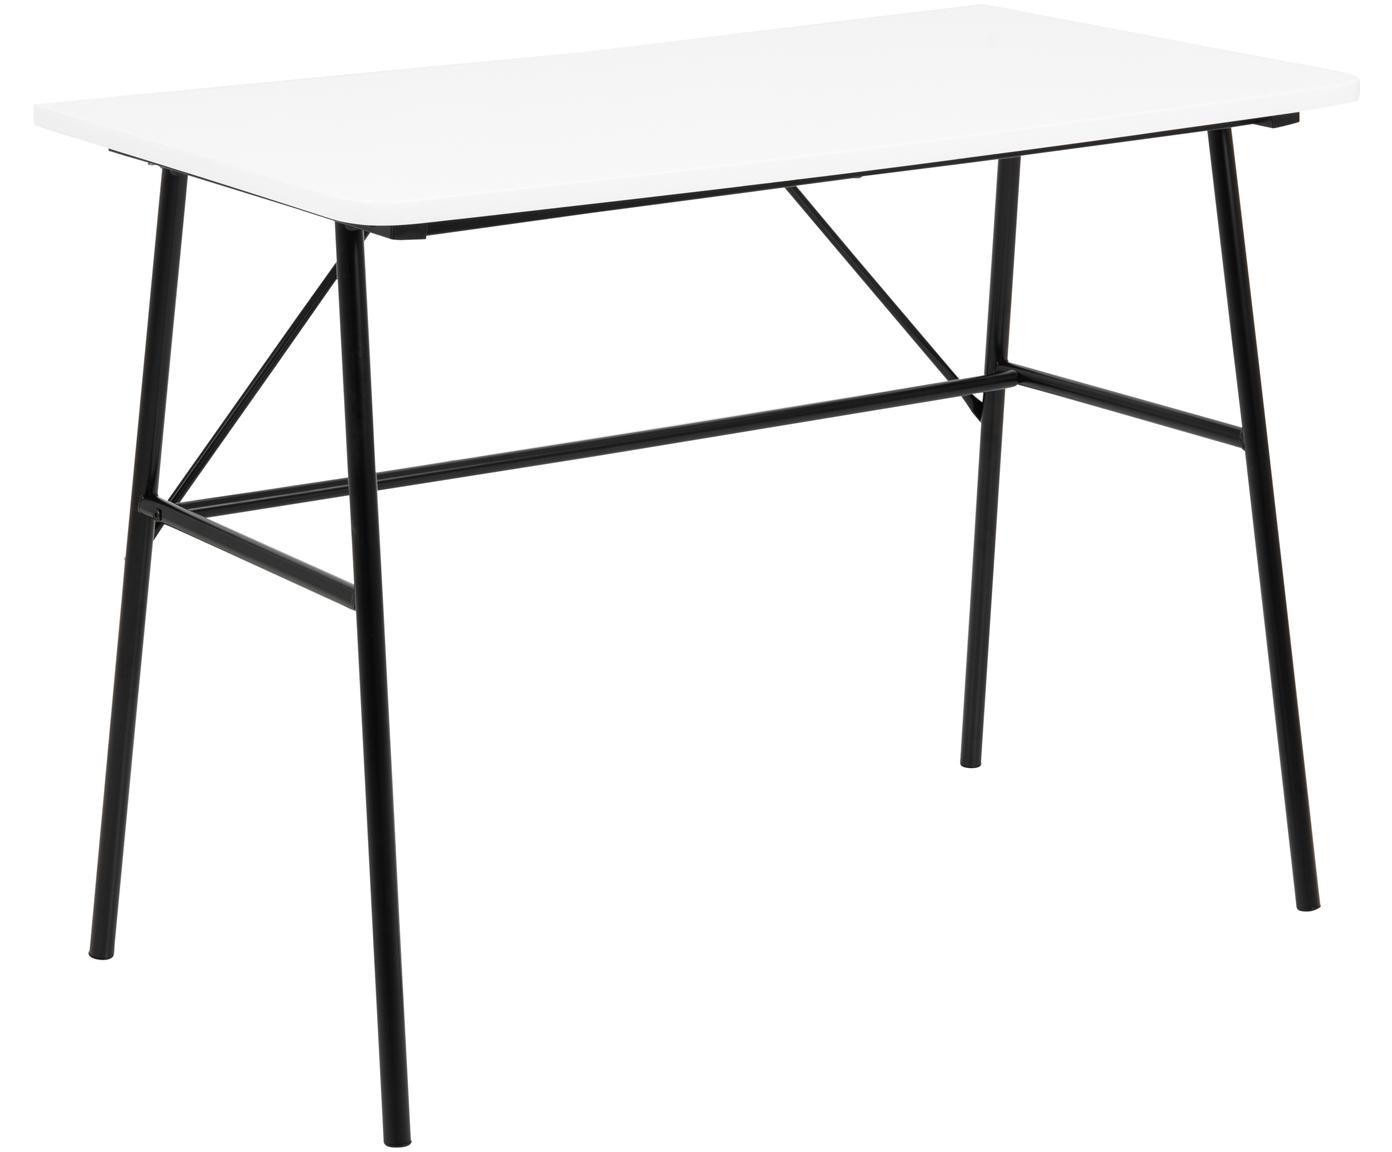 Schreibtisch Pascal mit weißer Platte, Tischplatte: Mitteldichte Holzfaserpla, Beine: Metall, pulverbeschichtet, Weiß, Schwarz, B 100 x T 55 cm